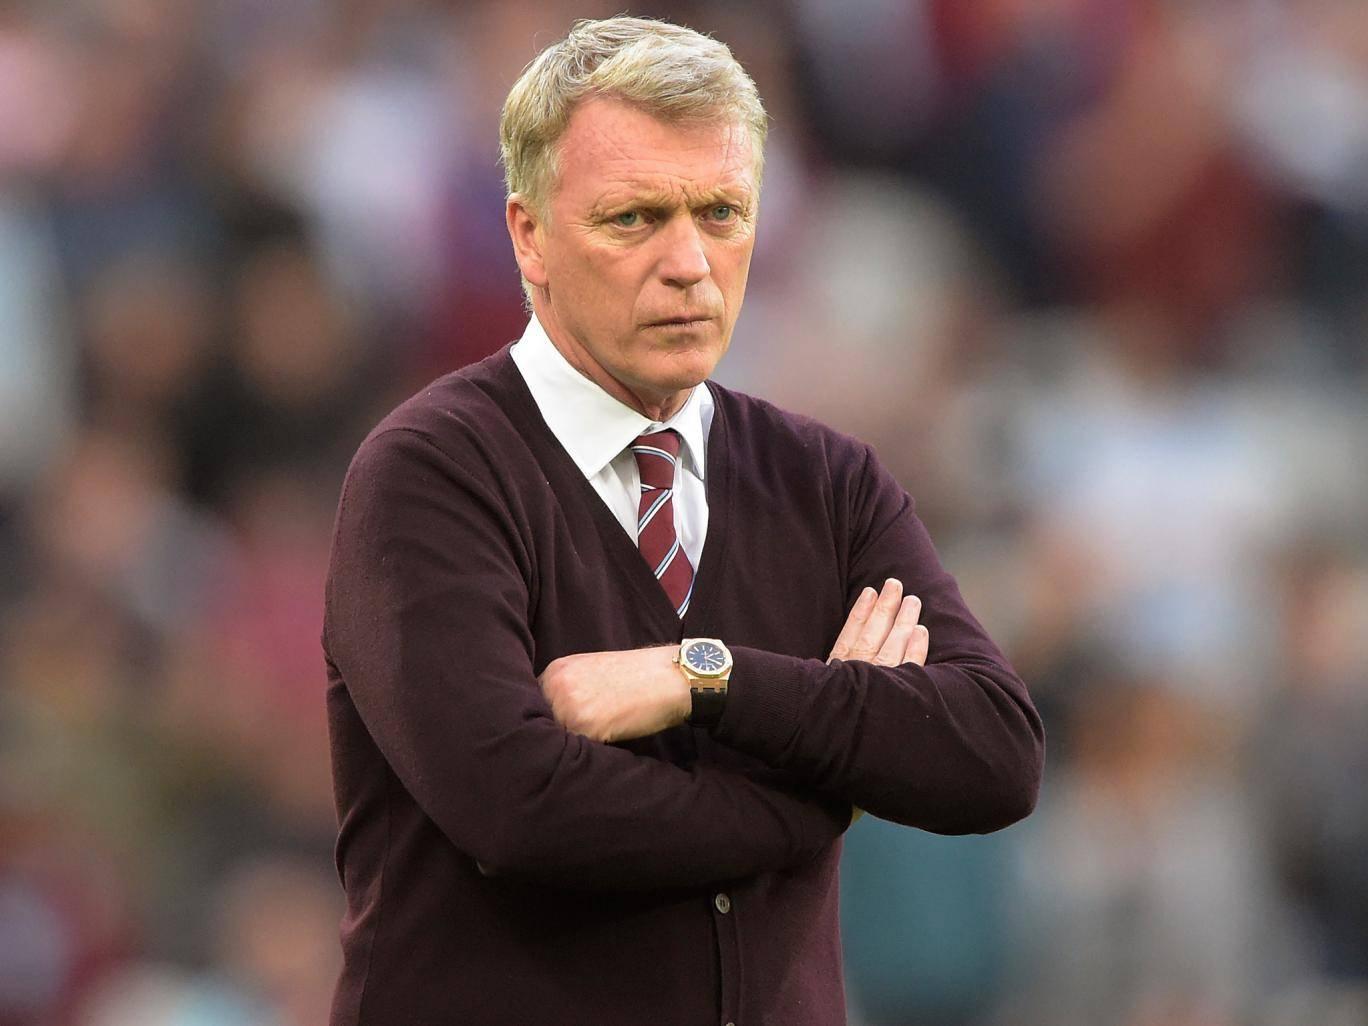 NÓNG: HLV David Moyes xác nhận rời West Ham sau khi giúp câu lạc bộ này trụ hạng thành công - Bóng Đá